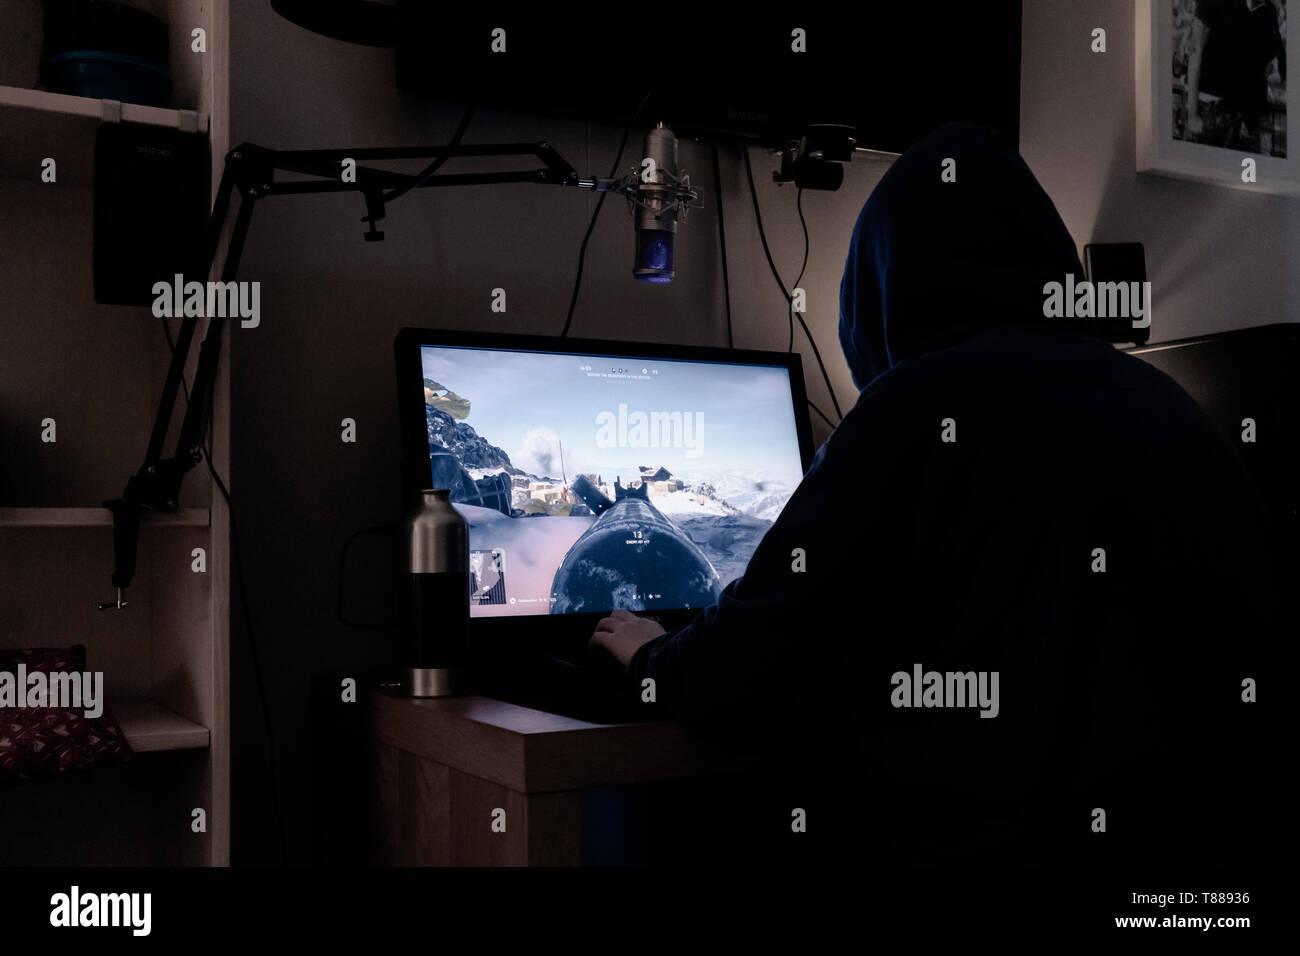 Adolescente sentado en la oscuridad en el ordenador de sobremesa para juegos Foto de stock